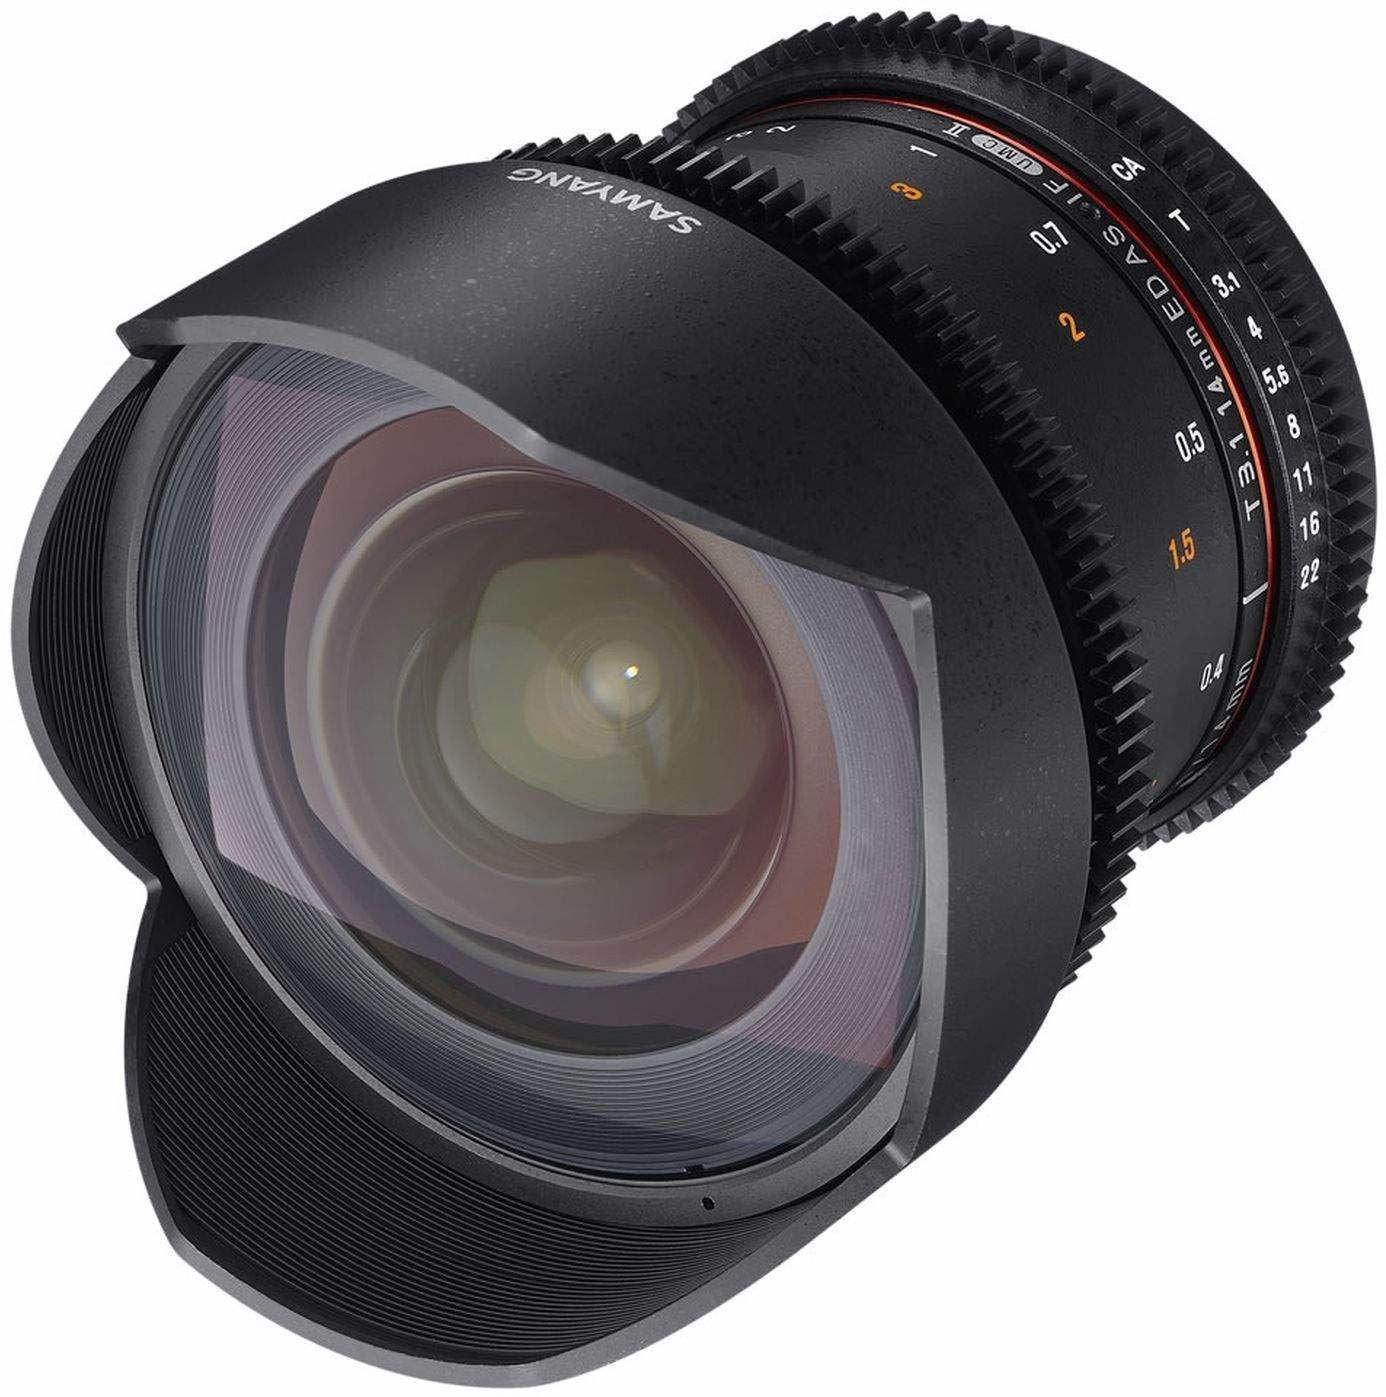 Samyang 14 mm T3.1 VDSLR II ręczny obiektyw wideo do kamery Nikon DSLR